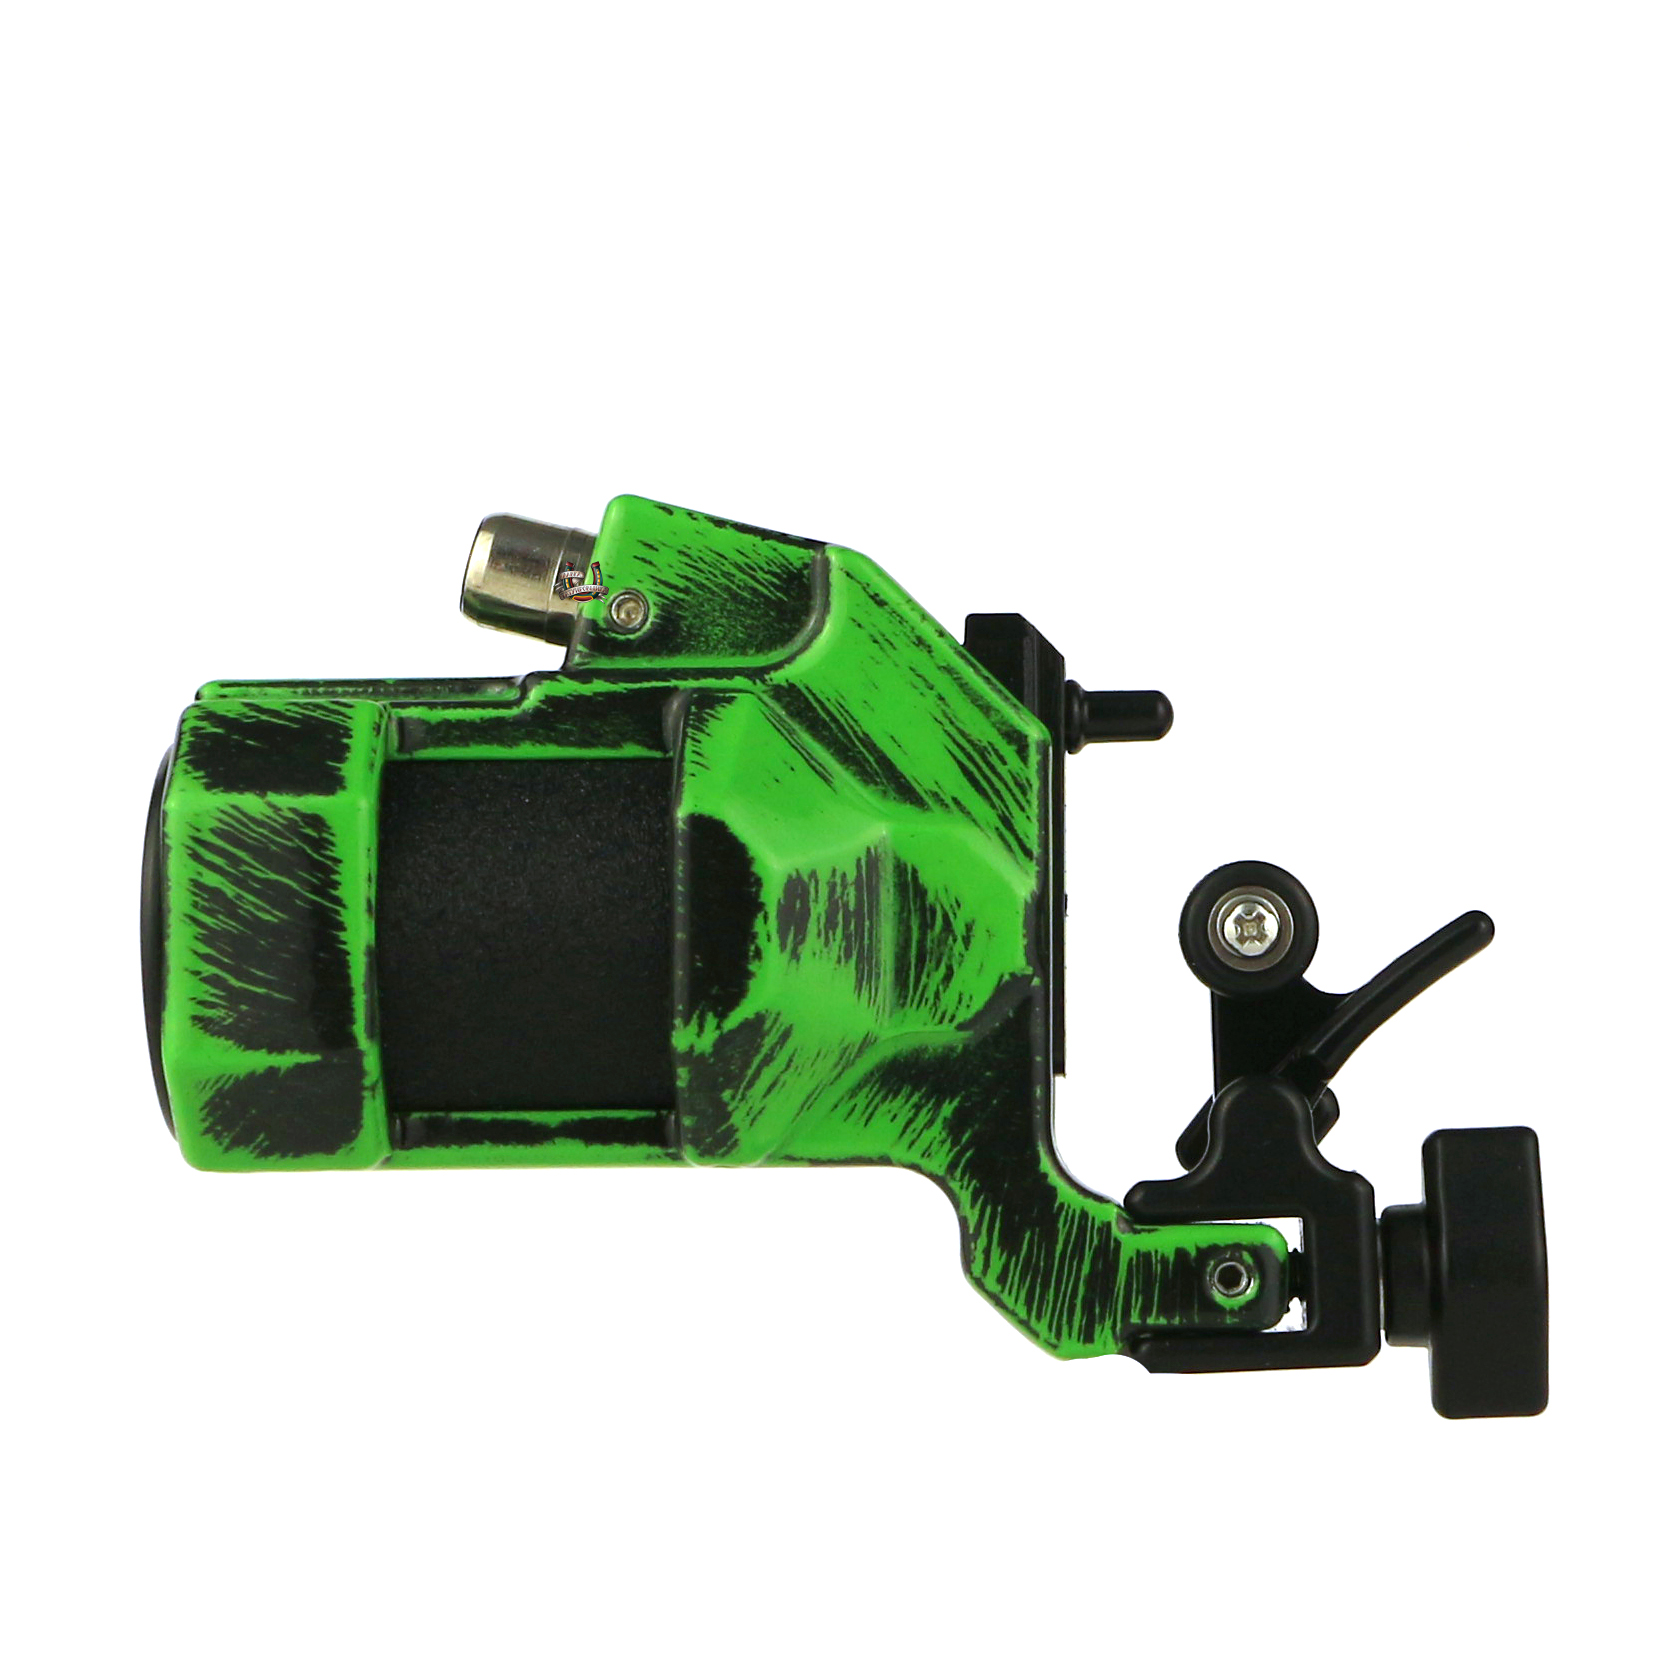 Linx IKAR Black - Green